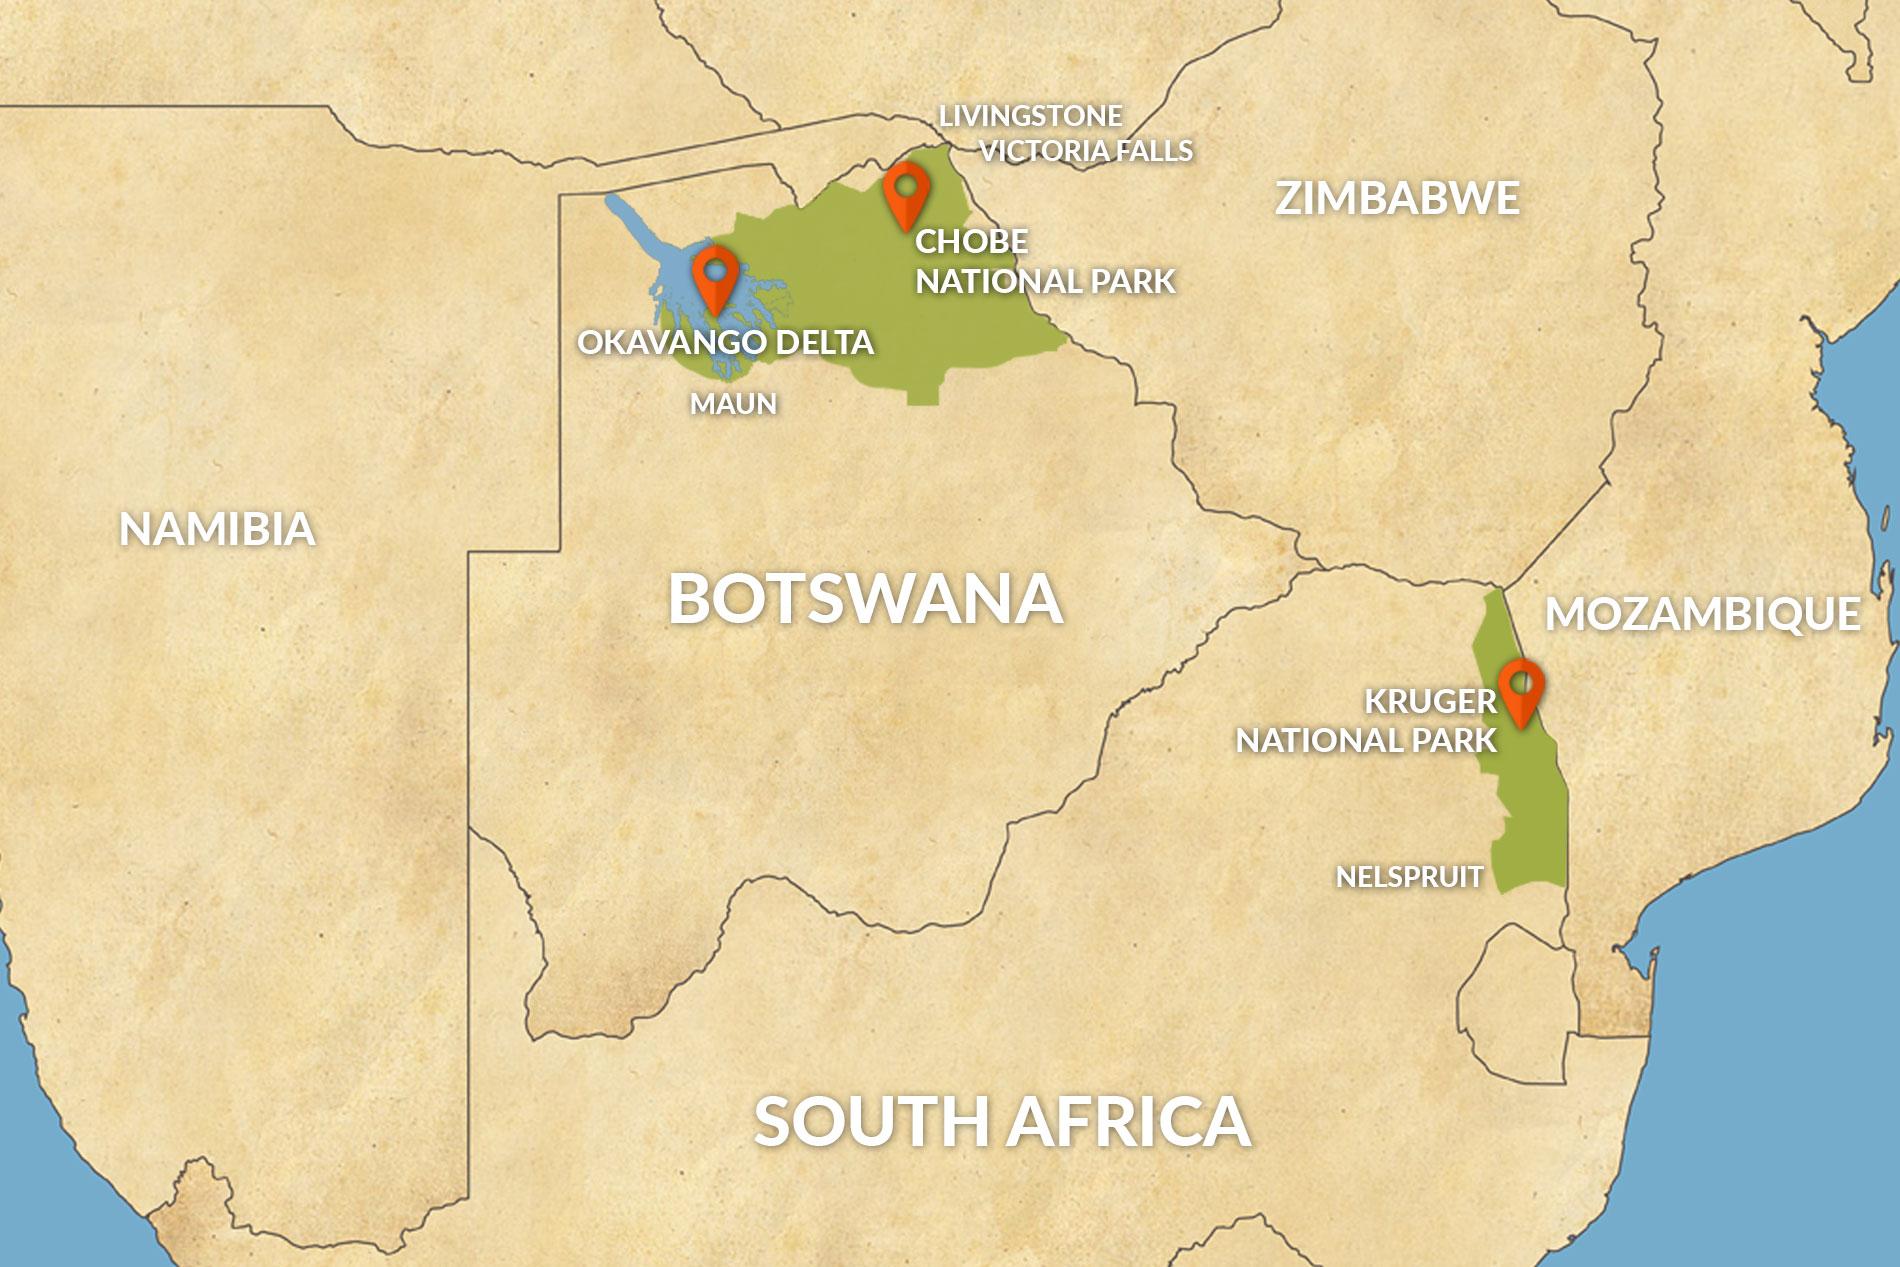 Botswana (Okavango Delta/Chobe) vs Kruger: Which is Best for ...